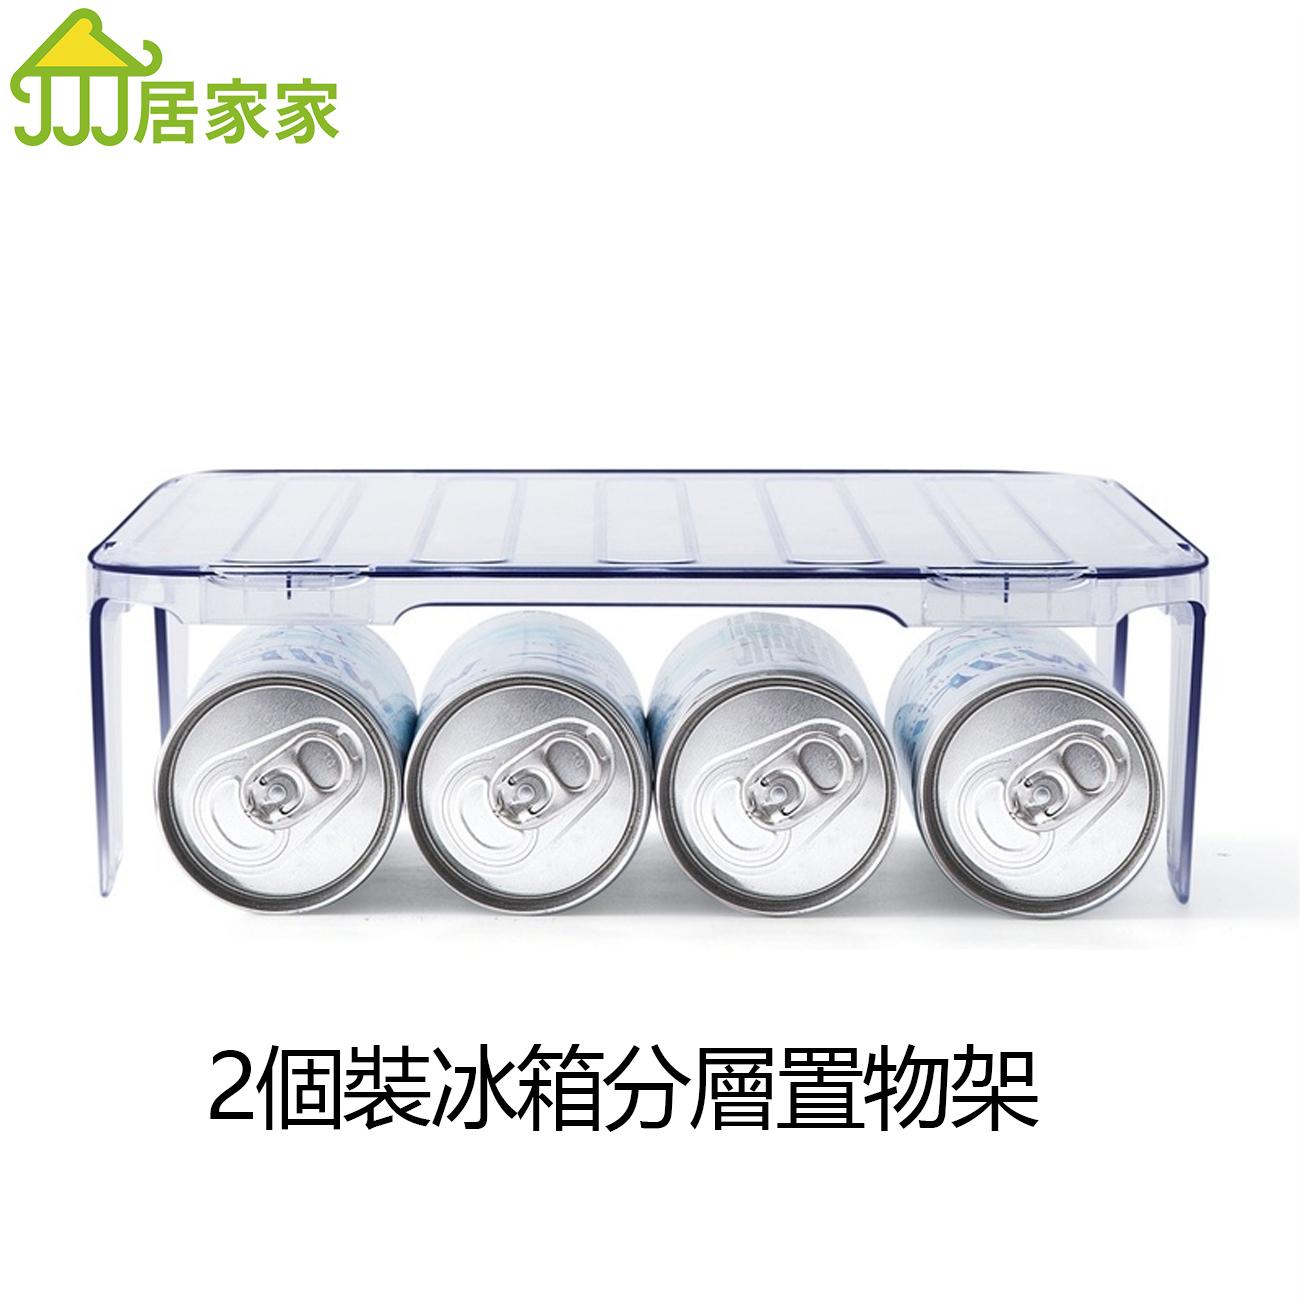 居家家 2個裝 冰箱分層置物架內部隔層放菜盤子支架剩菜分隔收納架